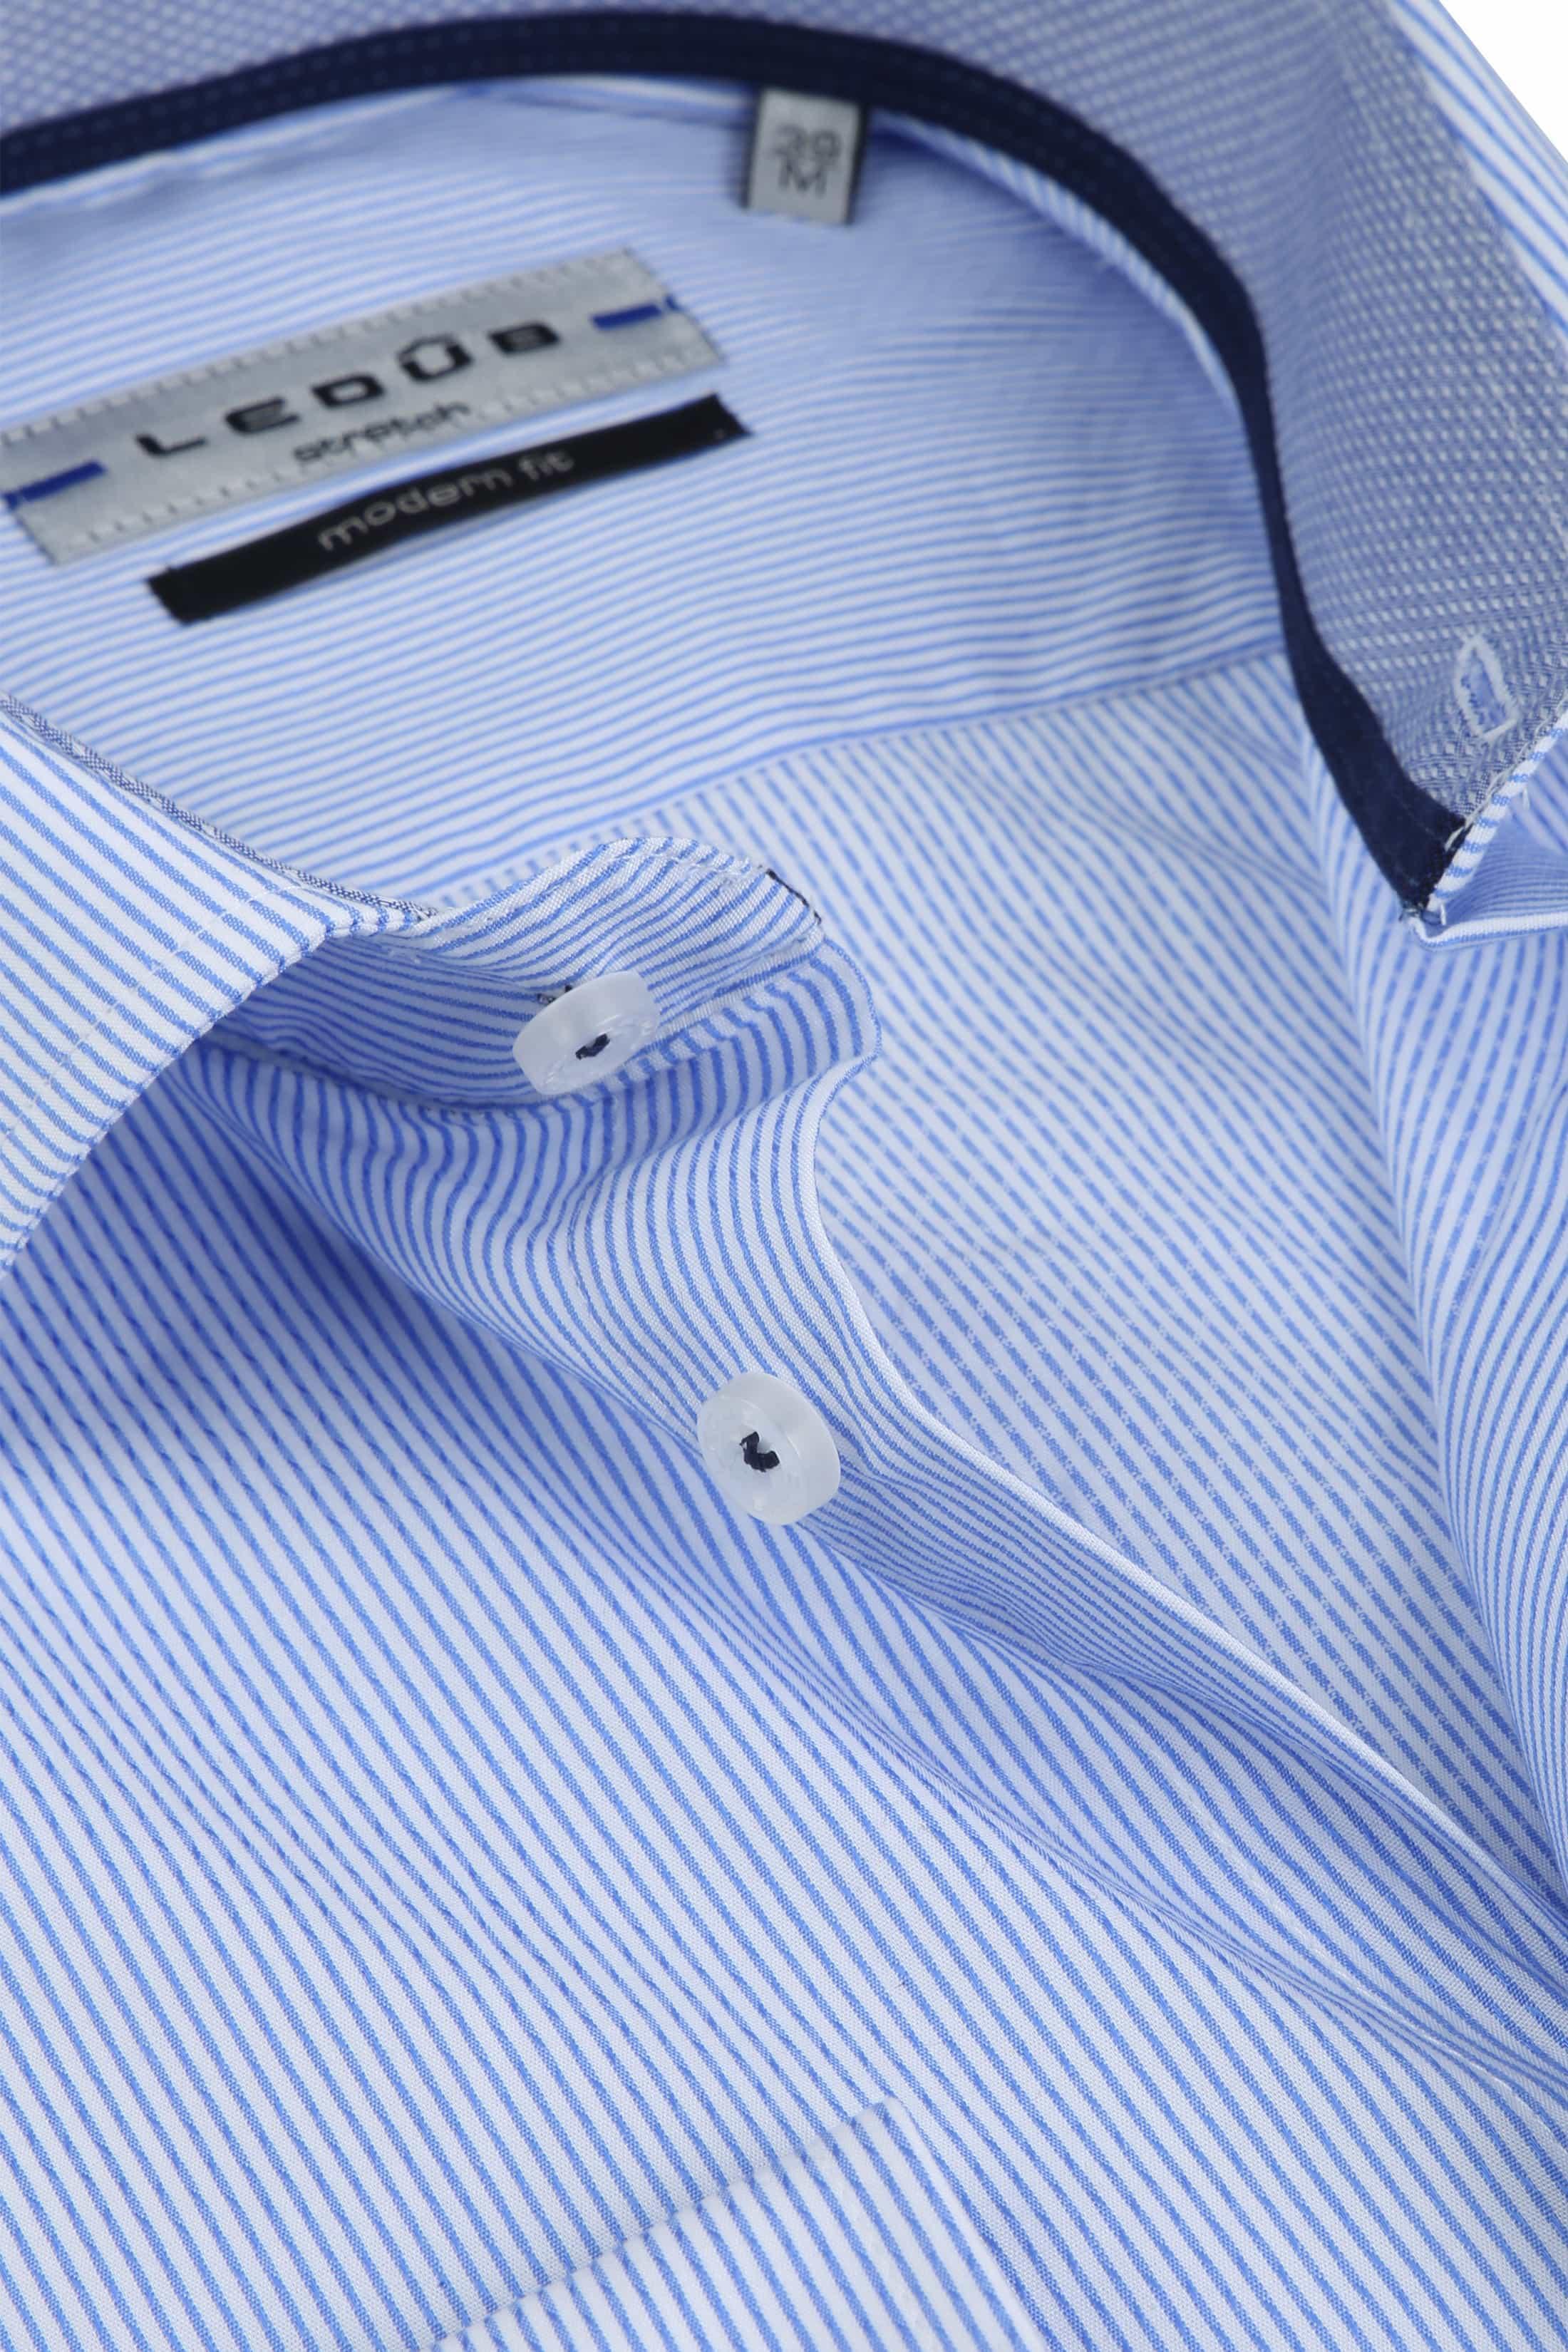 Ledub Overhemd Stretch Streep Blauw foto 1